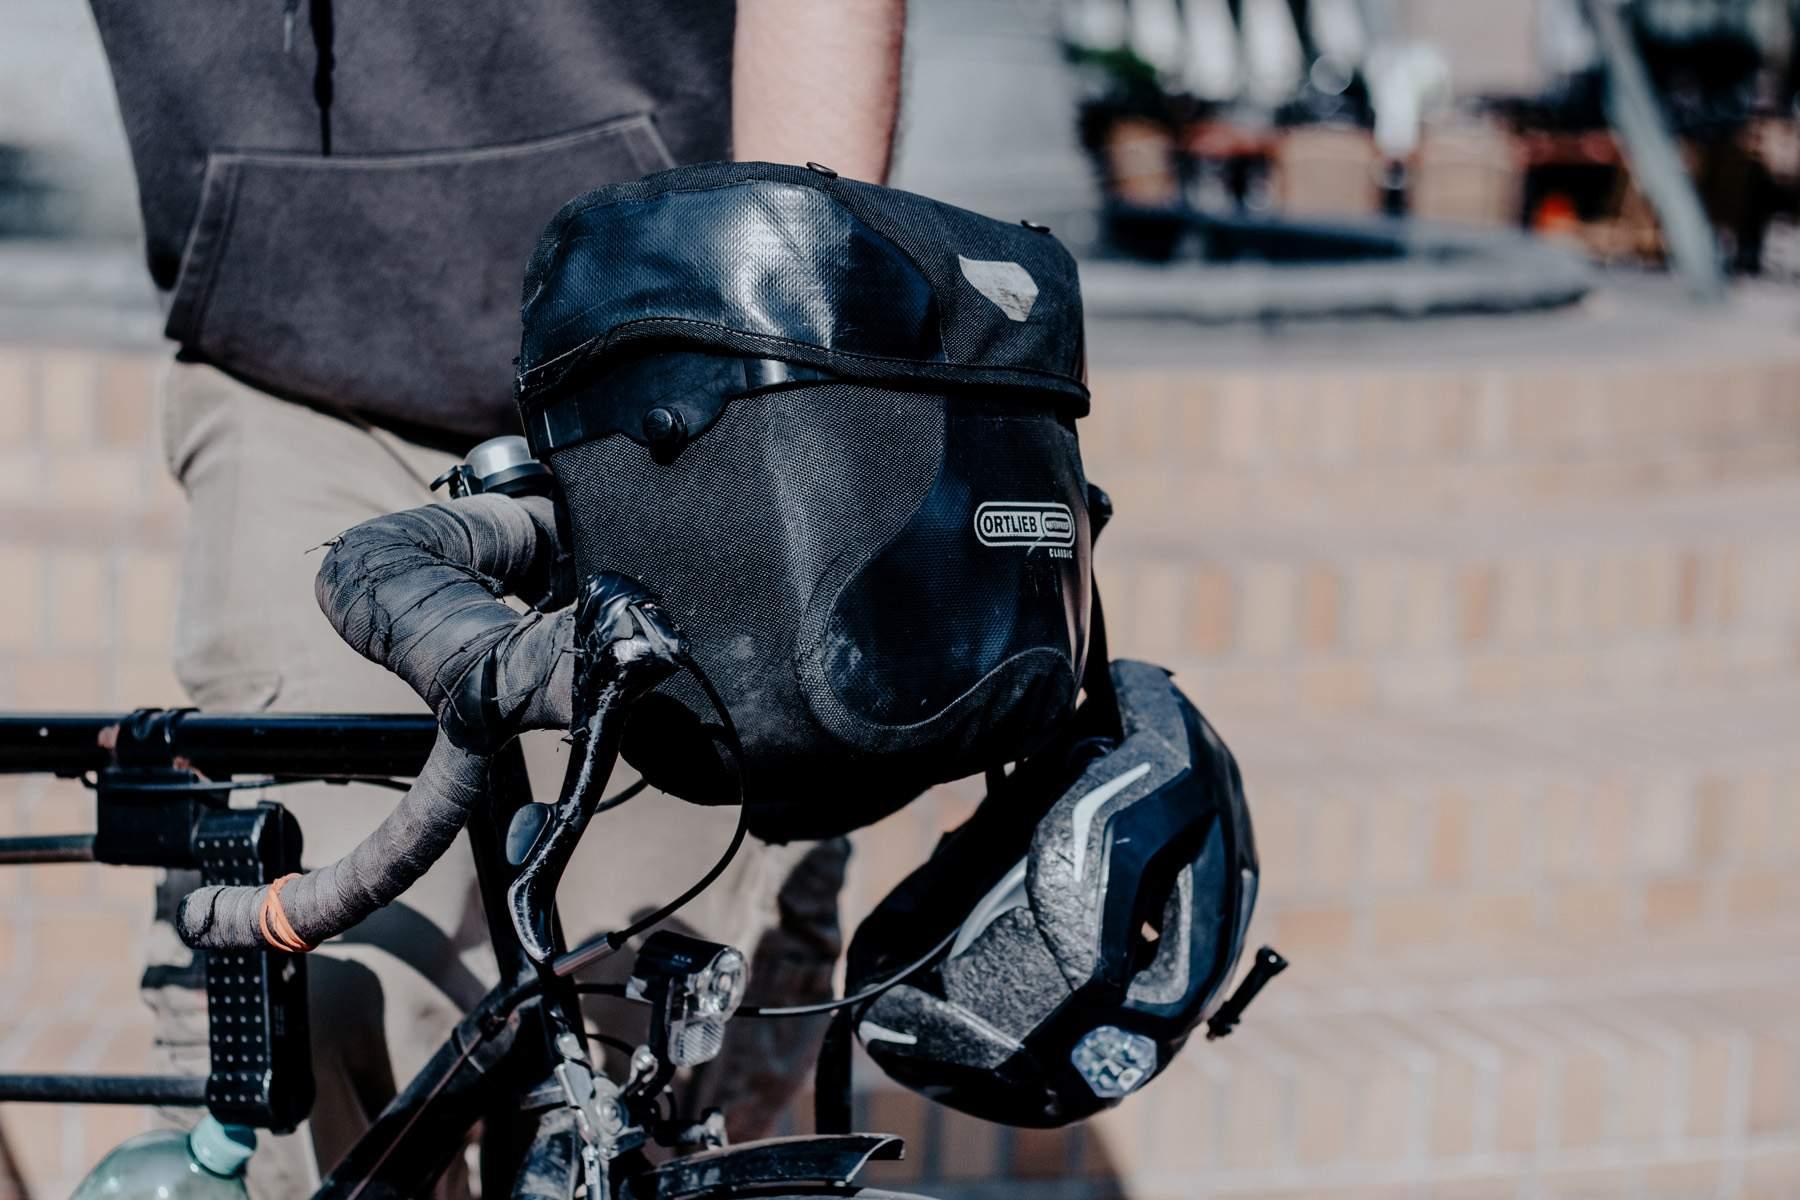 Thorsten Gieefers Familienhaus Fahrrad Fahrradportrait 2018 Kinderanhänger Fahrrad 5